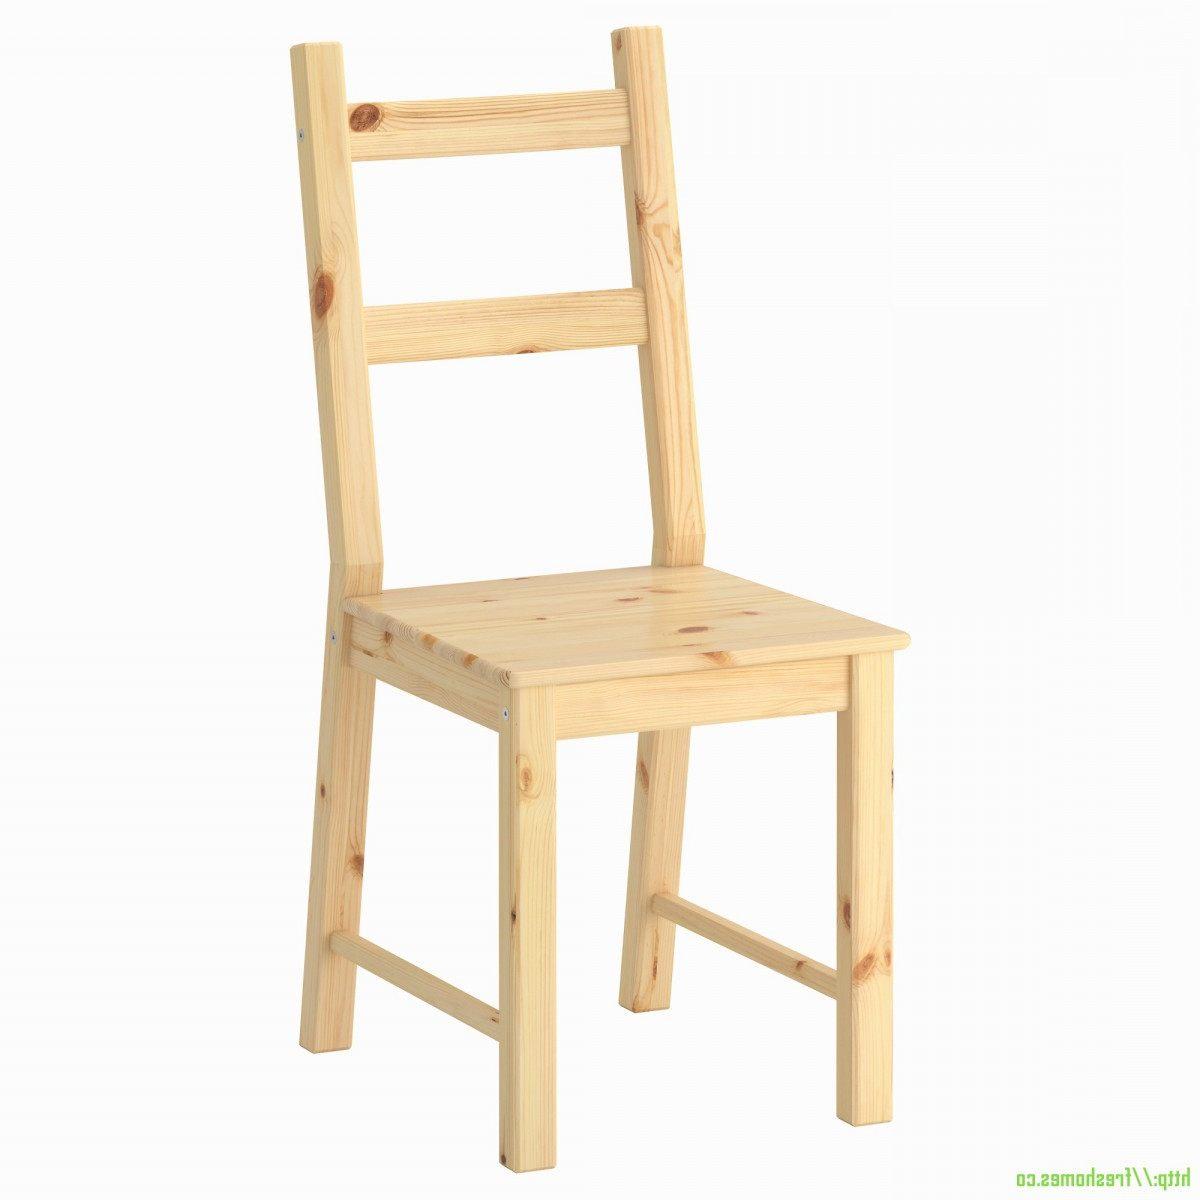 Rehausseur De Lit Ikea De Luxe Rehausseur De Chaise Enfant Lit Enfant Carrefour Rehausseur Chaise